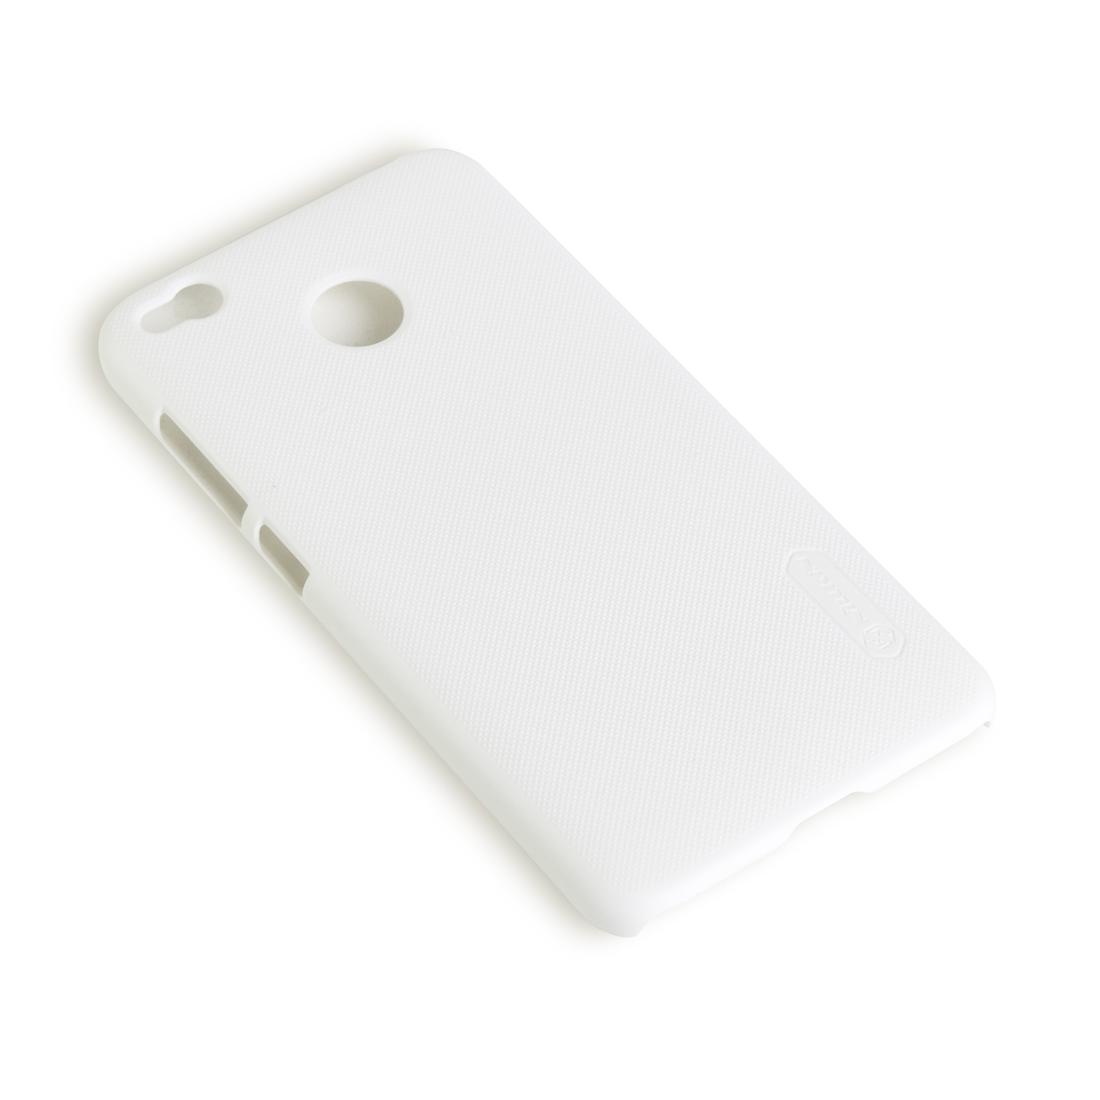 Чехол для телефона NILLKIN для Redmi 4X (Super Frosted Shield) Белый